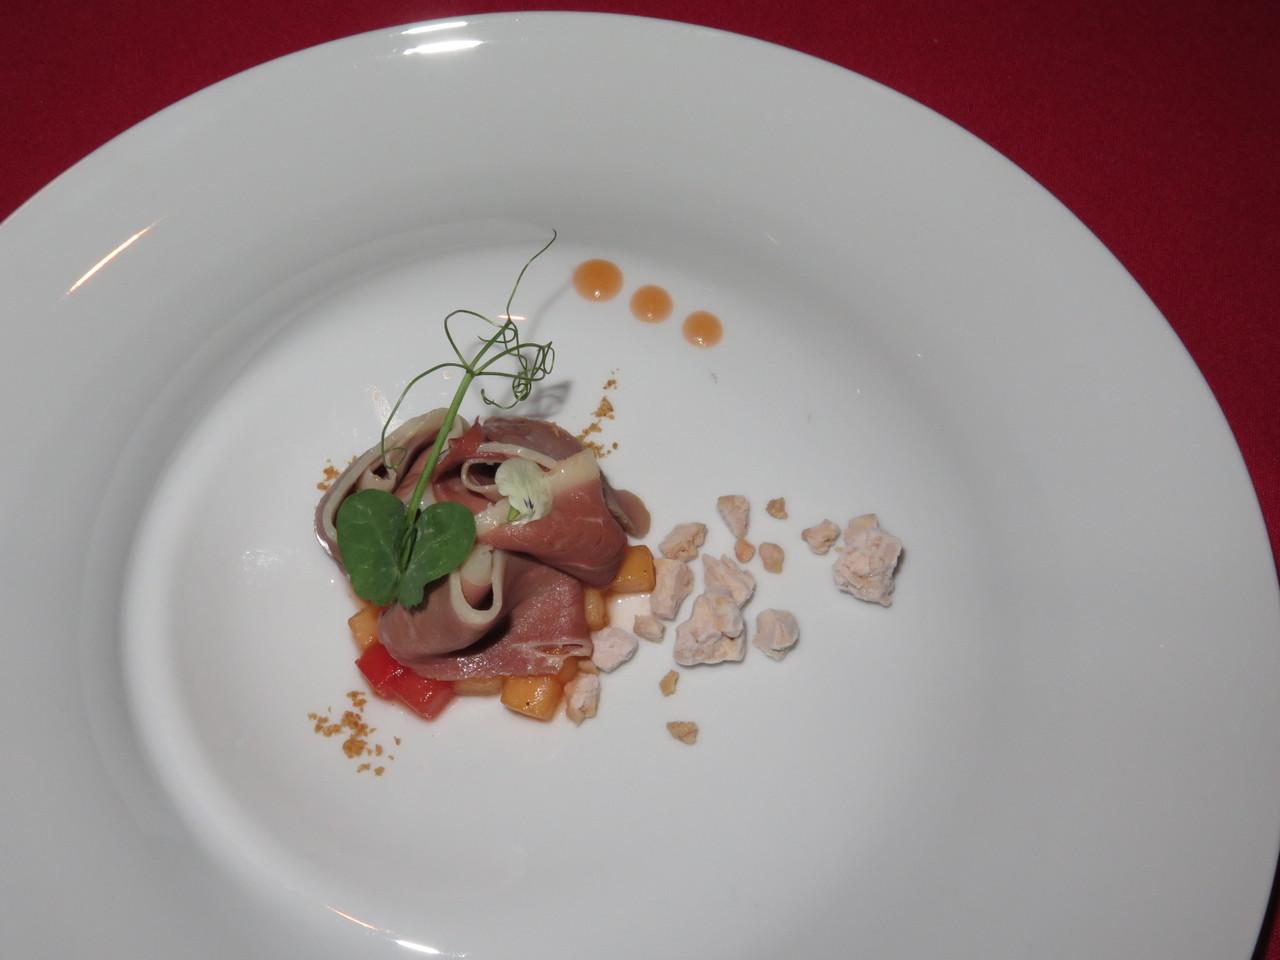 'Prosciutto' de pato, melão, geleia de 'Prosciutto di Parma' e foie gras